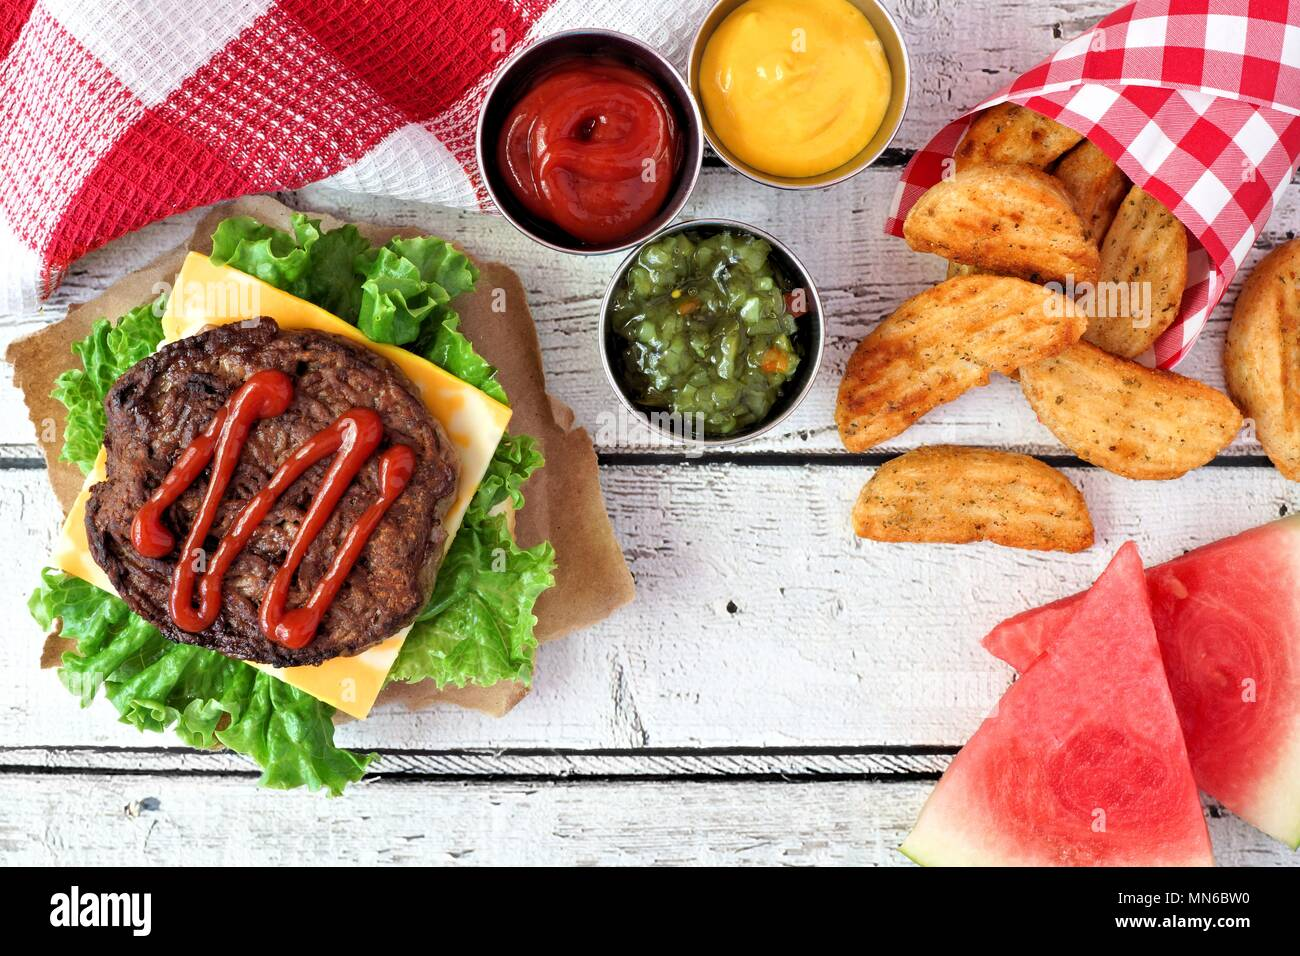 Picknick Szene mit offenen Hamburger, Wassermelone und Potato Wedges auf weißem Holz Hintergrund Stockbild